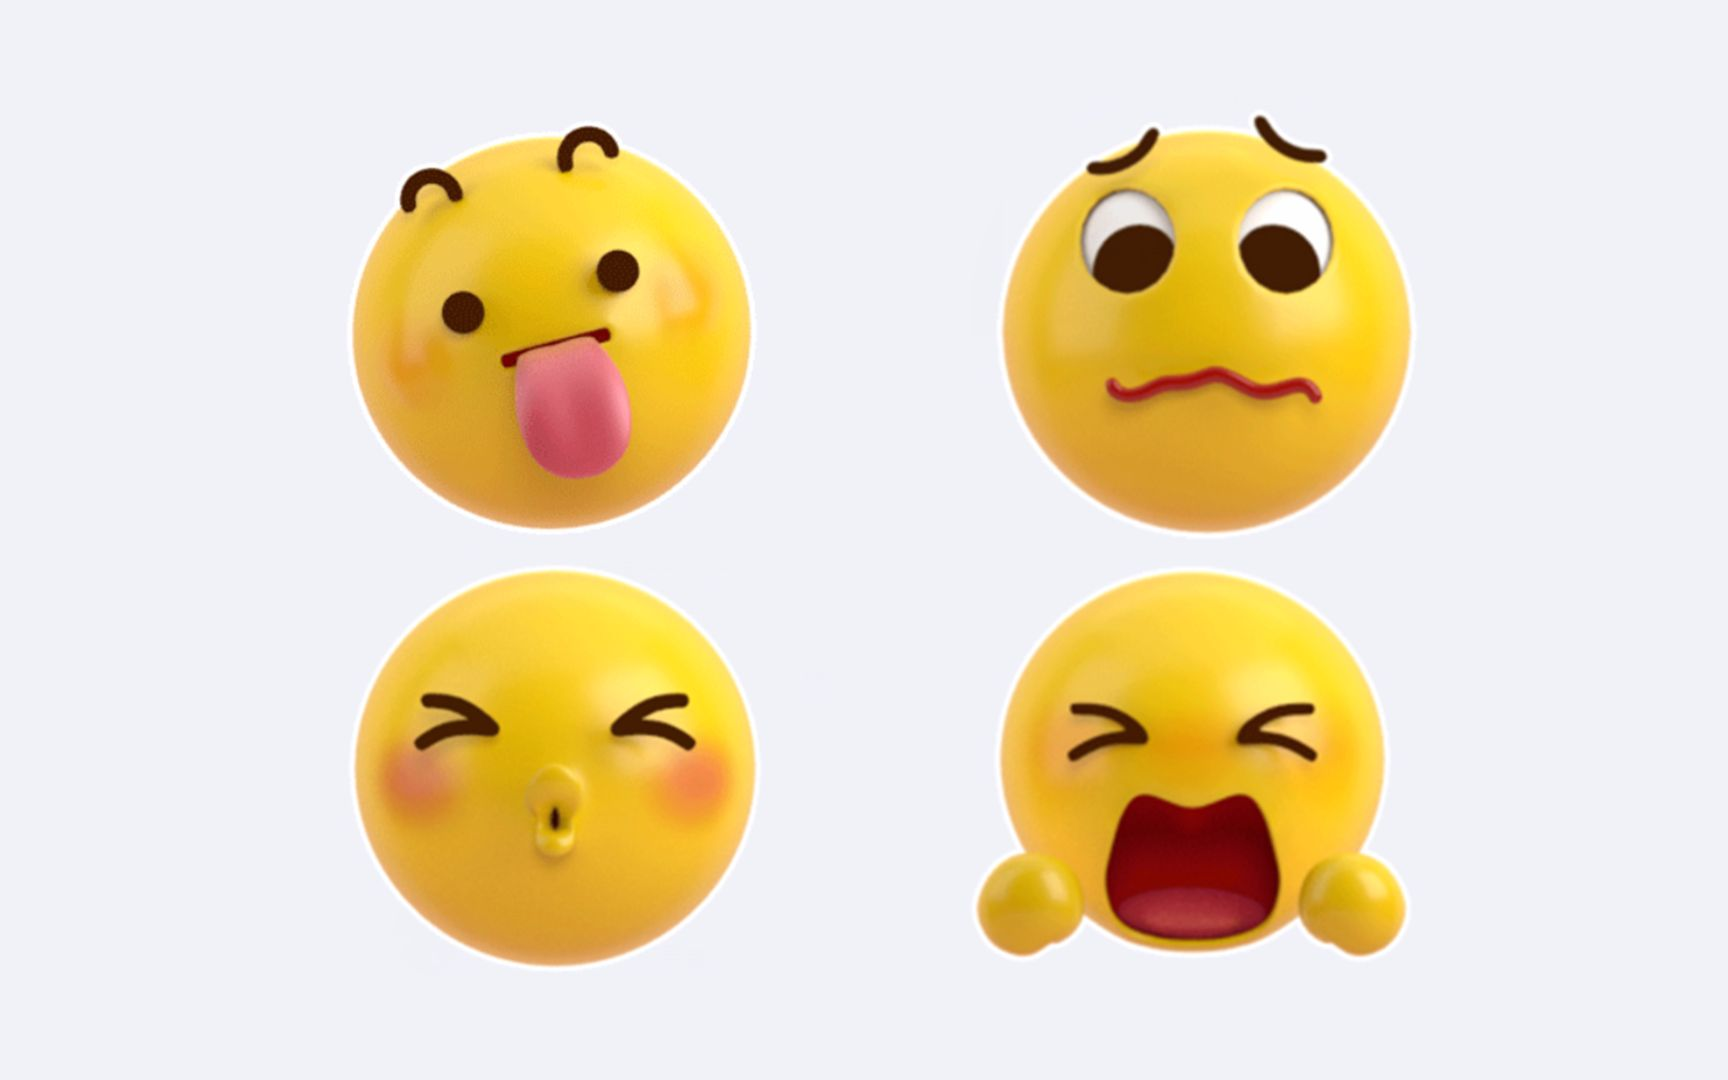 用或其他应用扫描二维码 点赞 微信qq最新3d动态表情包,还不知道就out图片